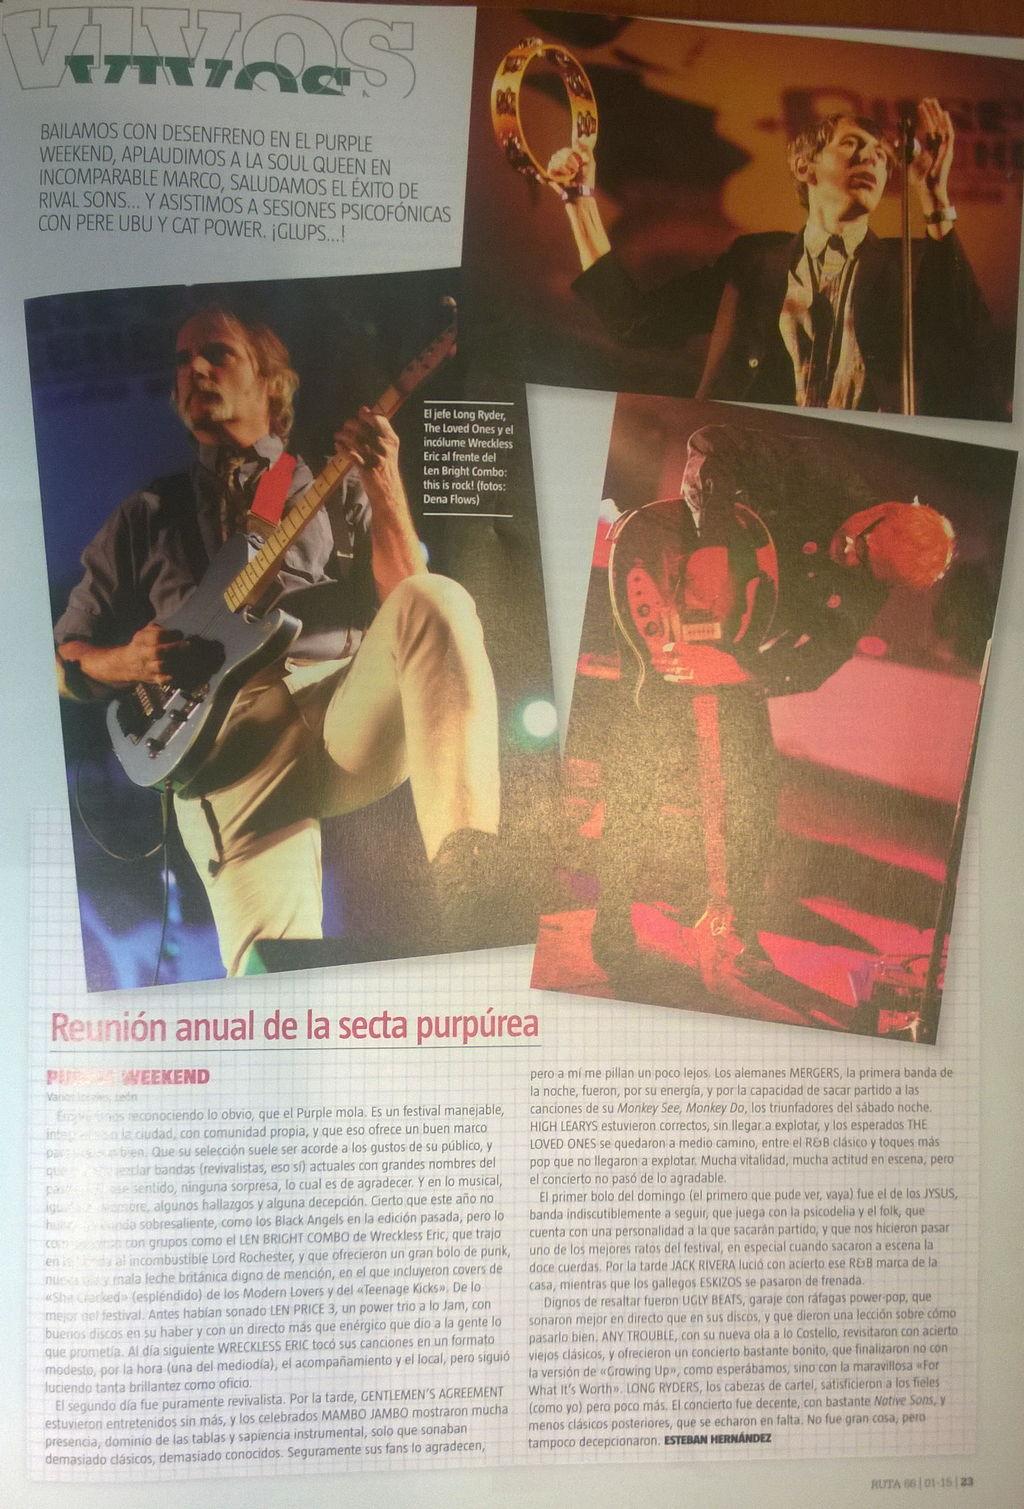 Captura de la crónica y fotos del festival Purple Weekend 2014 en Ruta 66 (enero de 2015)